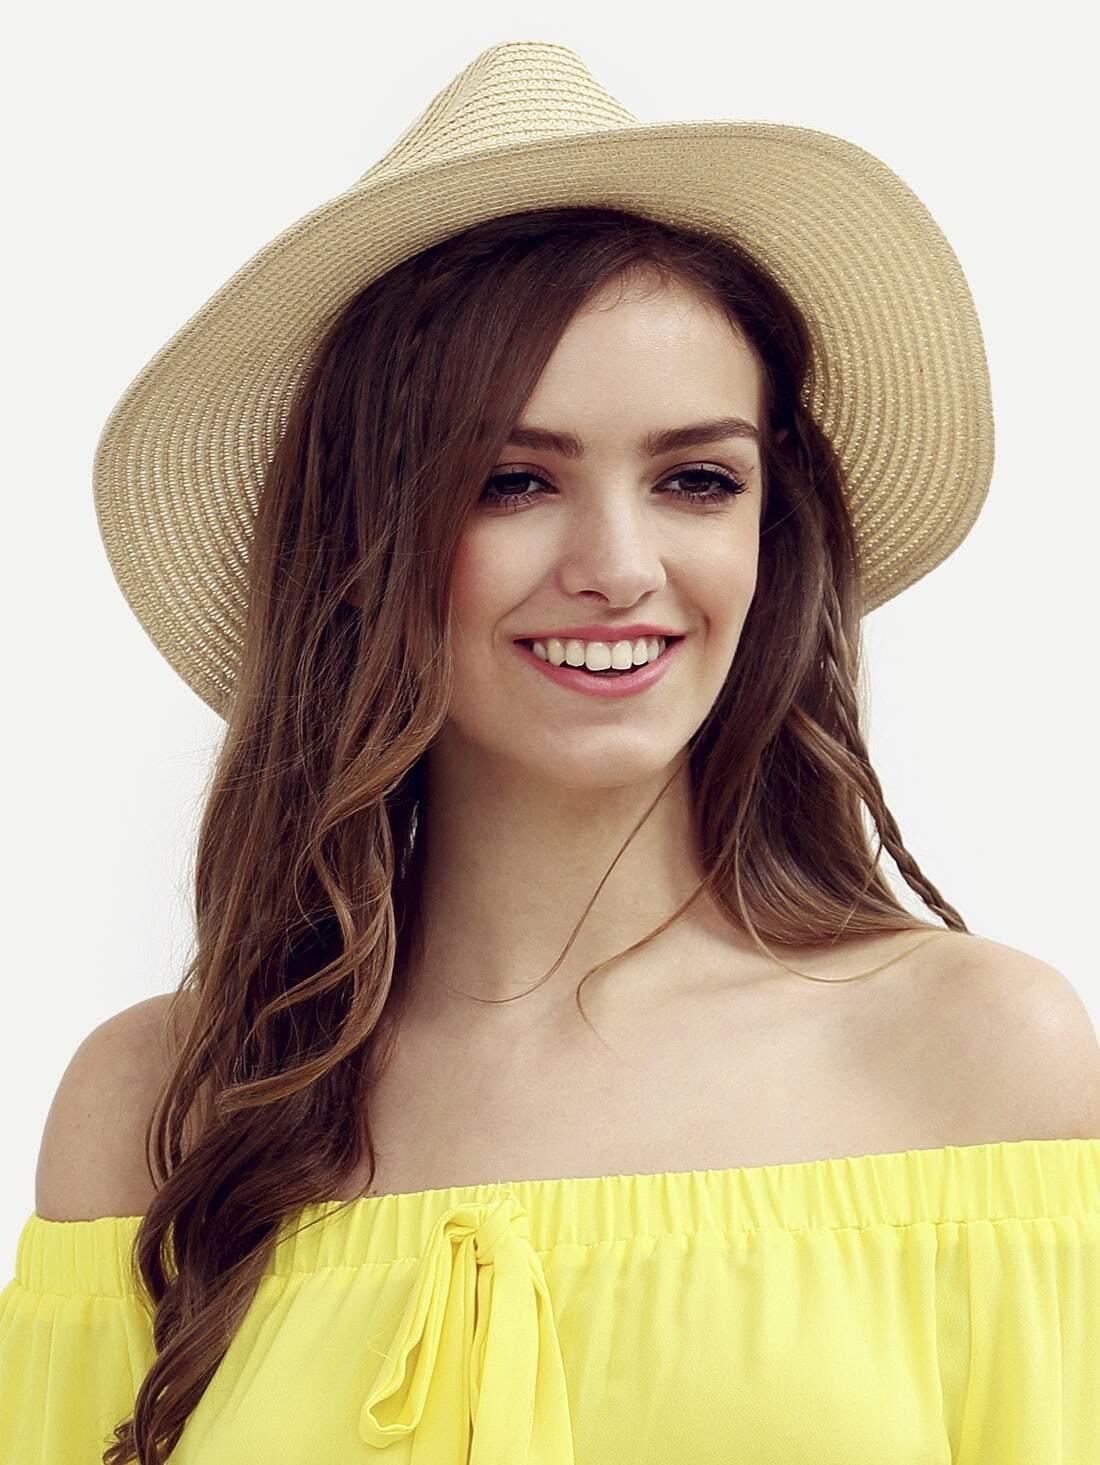 chapeau de paille tendance avec bretelle blanc french romwe. Black Bedroom Furniture Sets. Home Design Ideas